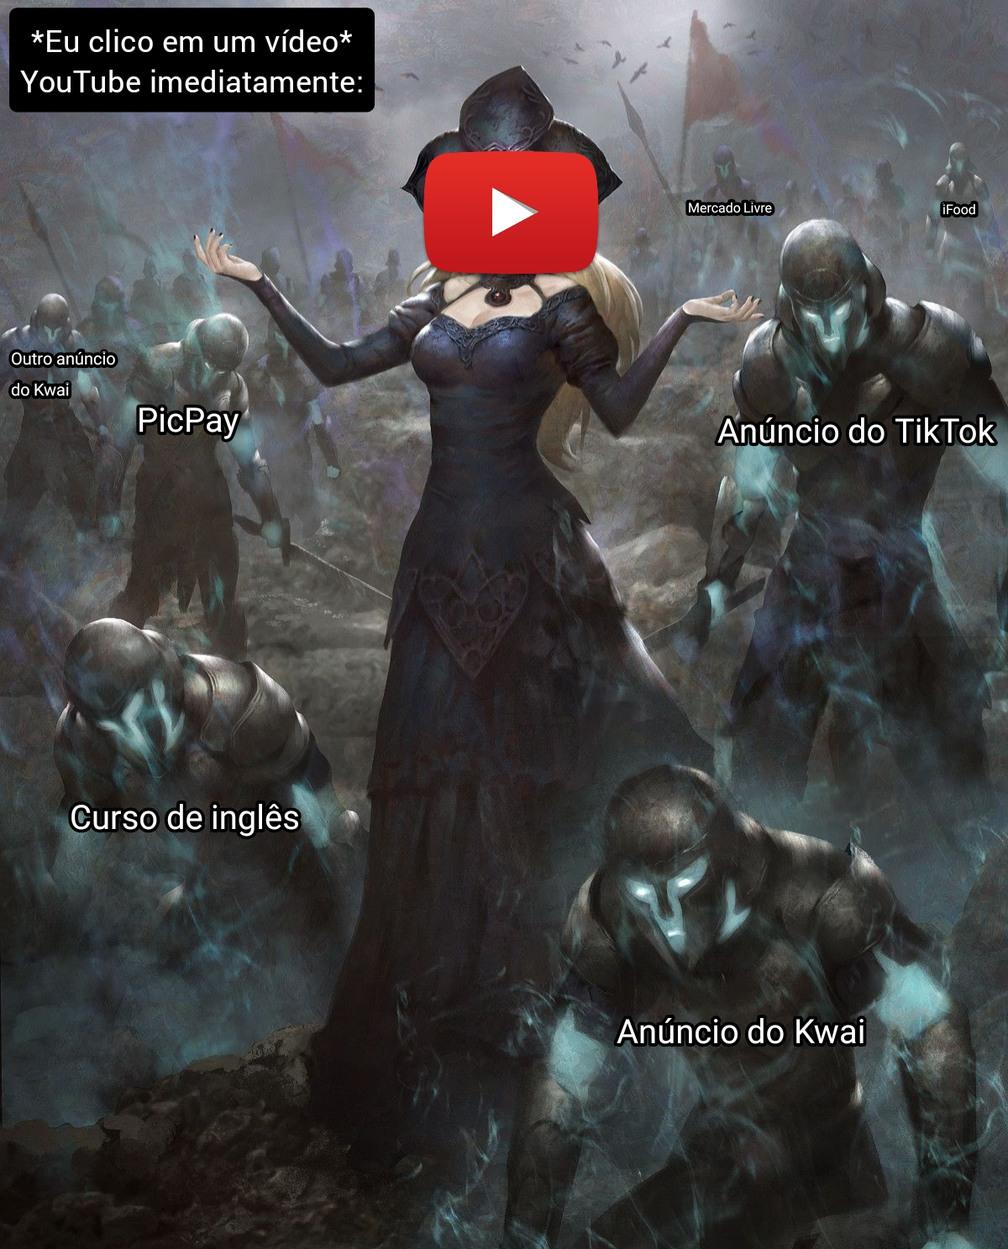 Por que tem um vídeo no anúncio - meme